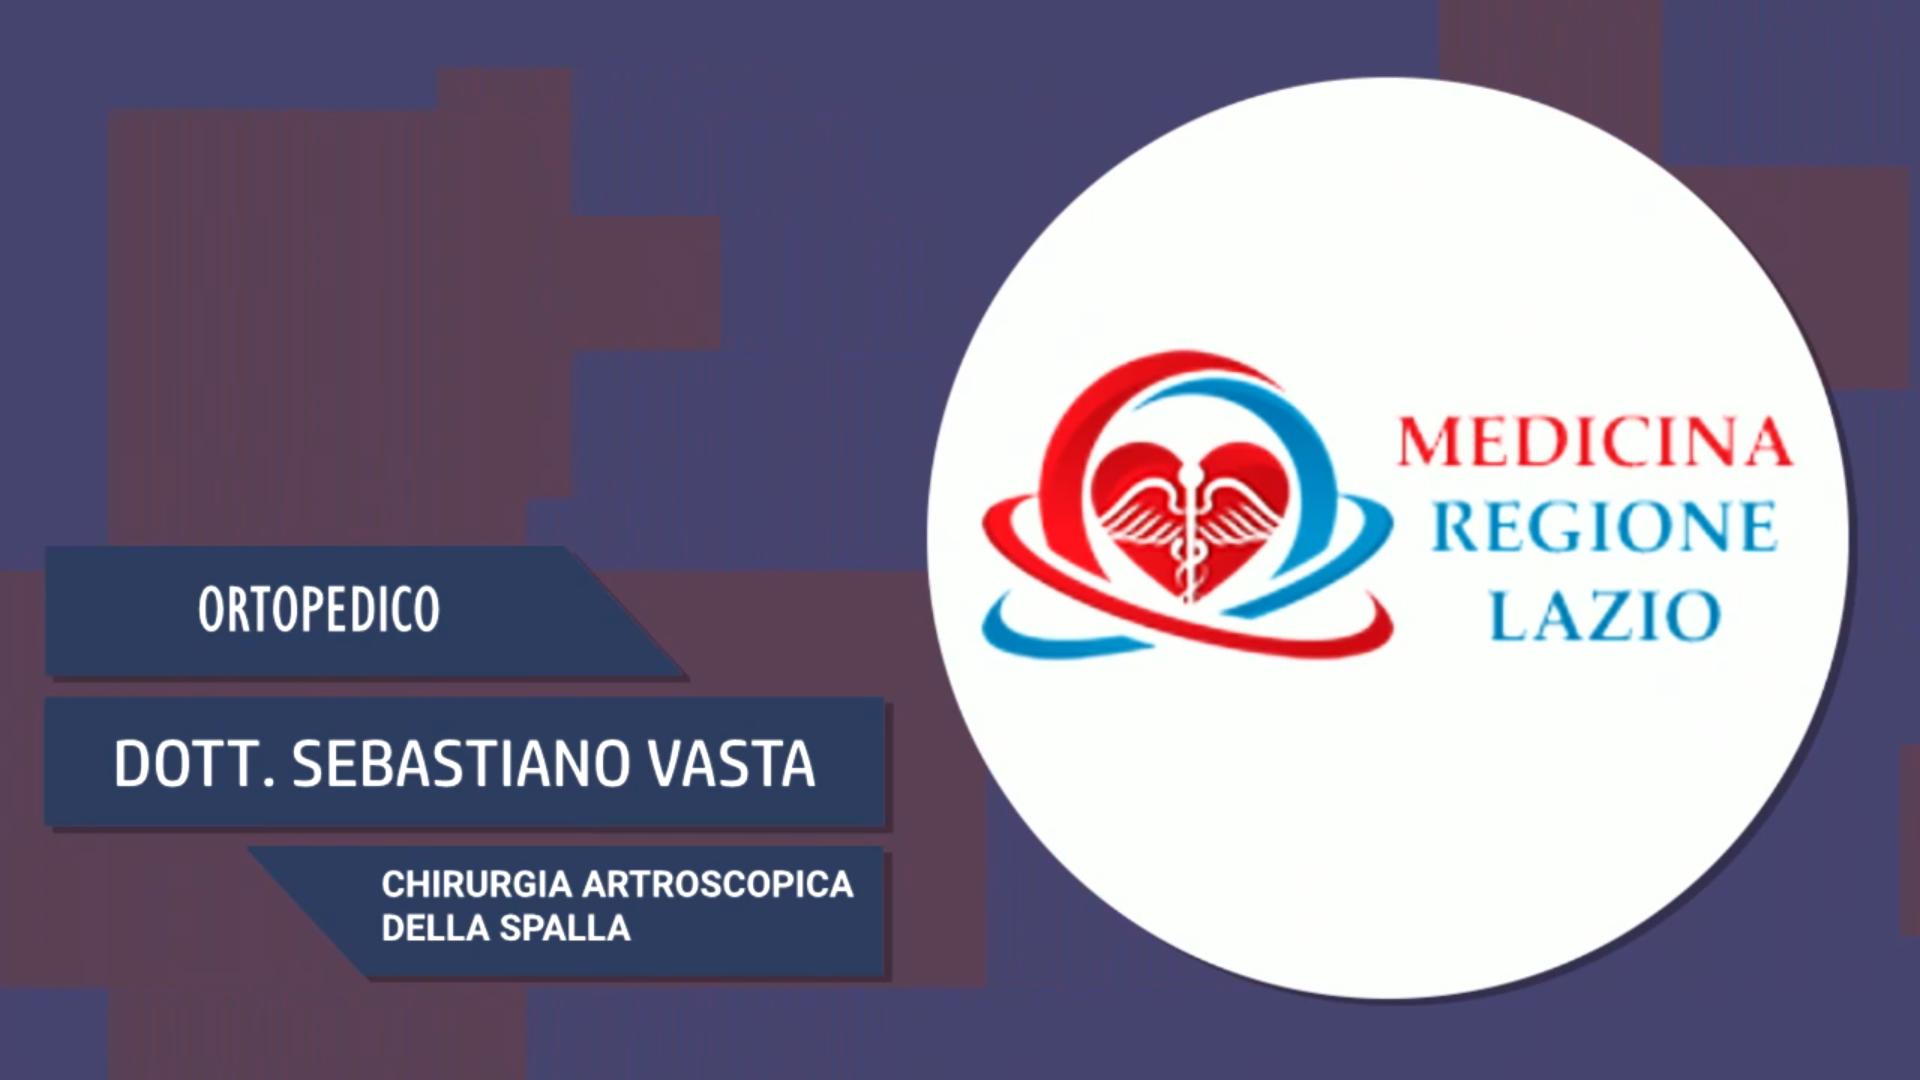 Intervista al Dott. Sebastiano Vasta – Chirurgia artroscopica della spalla